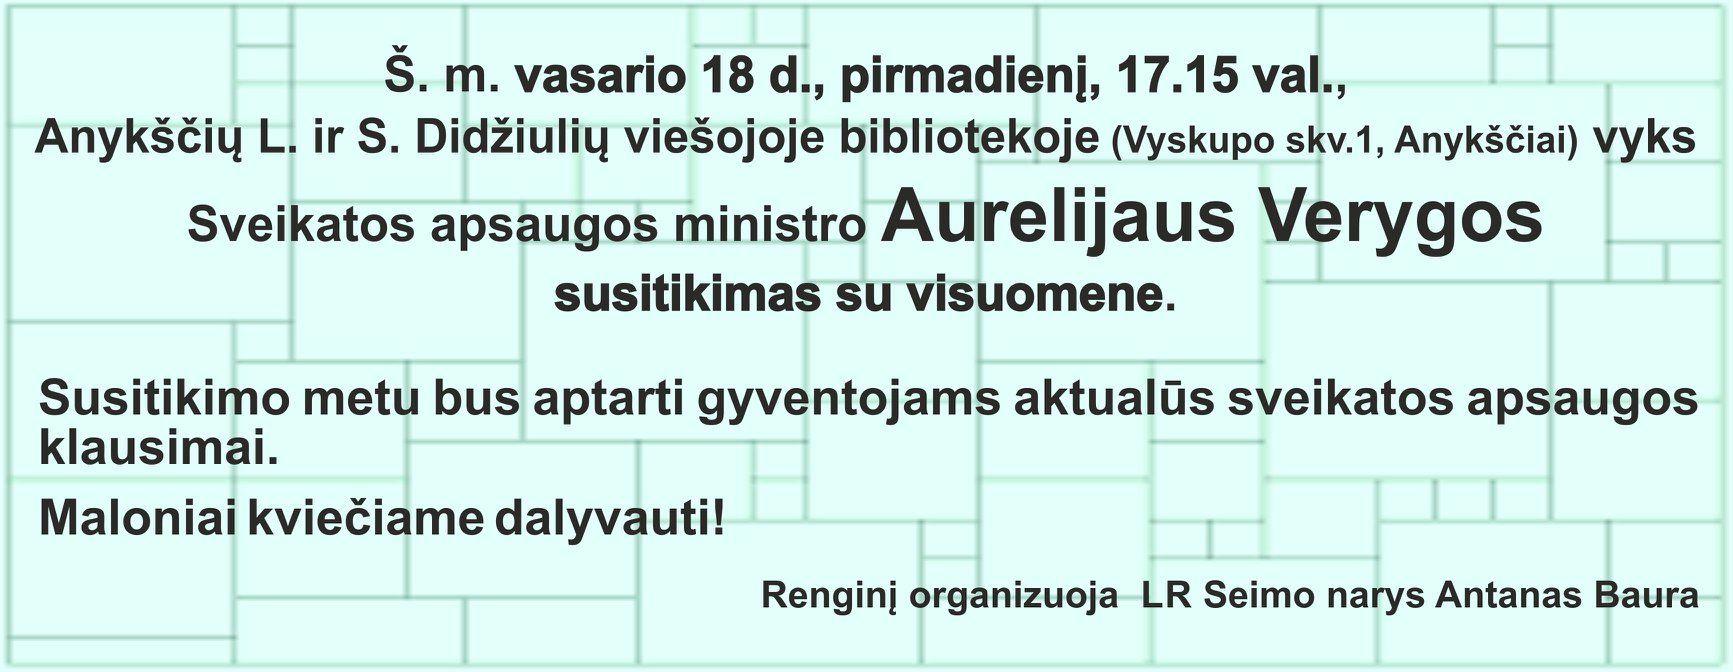 Sveikatos apsaugos ministro Aurelijaus Verygos susitikimas su visuomene